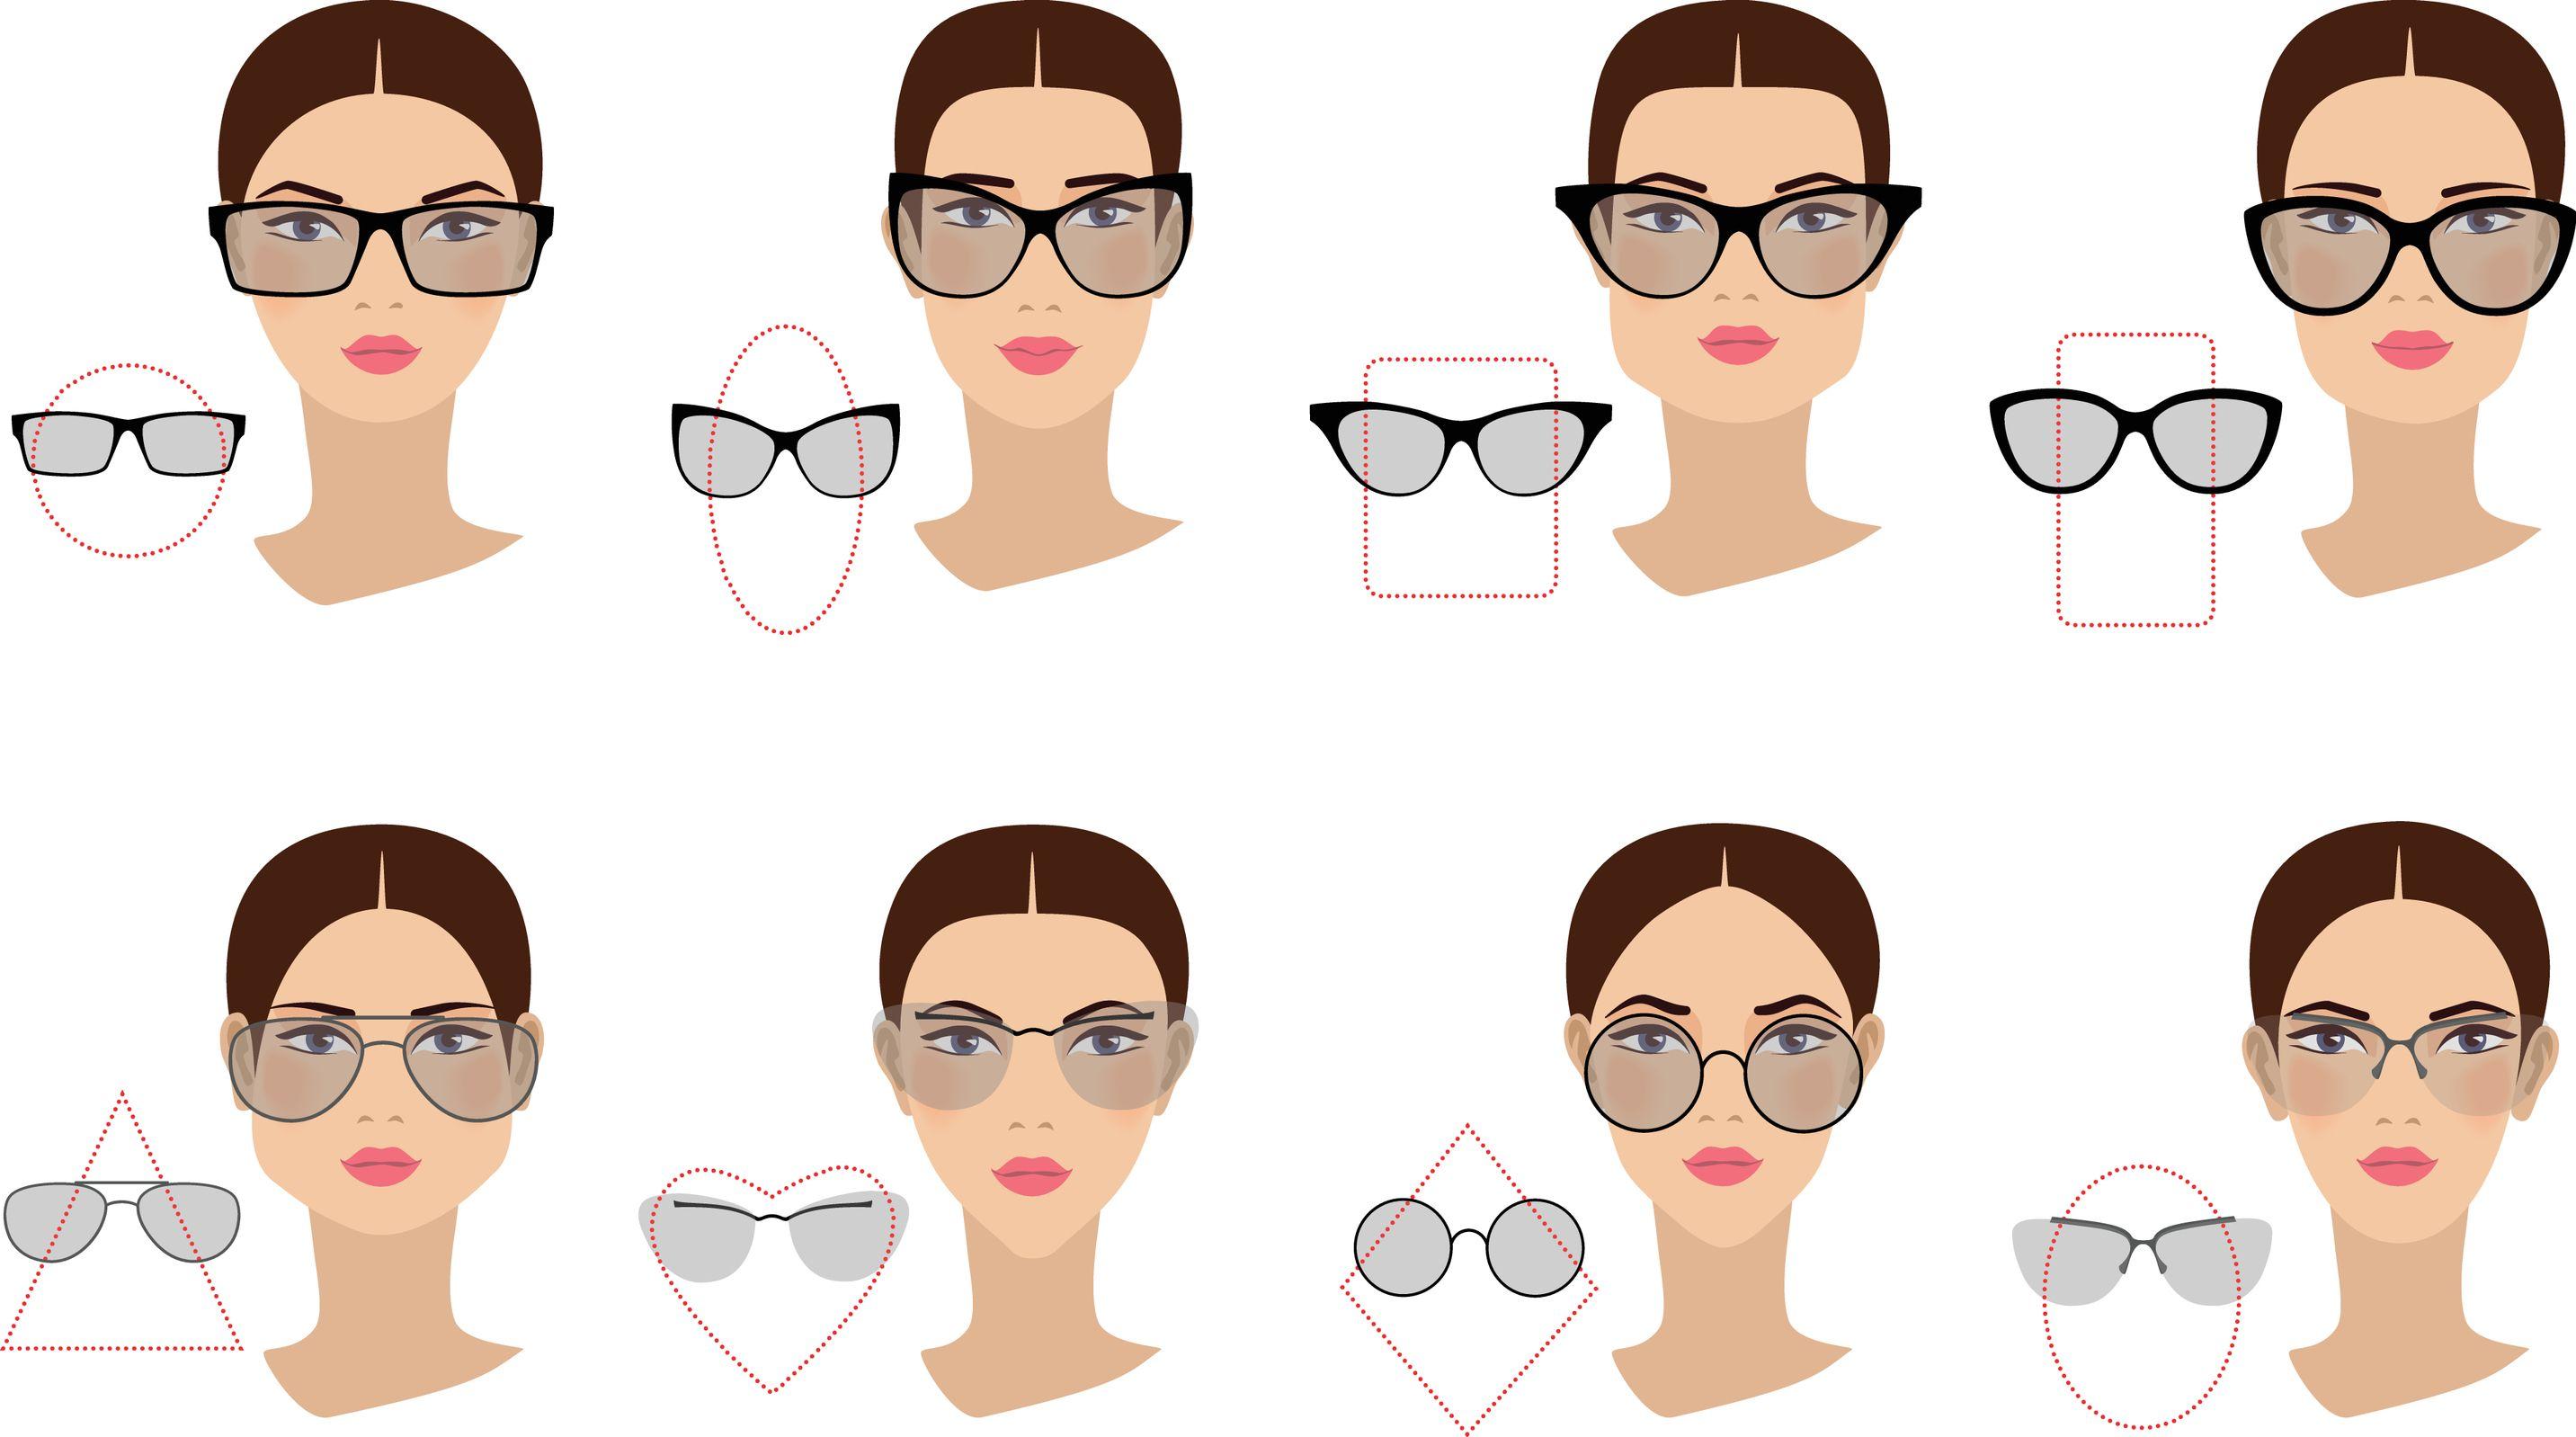 Cómo Escoger Sus Gafas Según Su Tipo De Rostro Prensa Libre Tipos De Lentes Tipos De Anteojos Tipo De Rostros